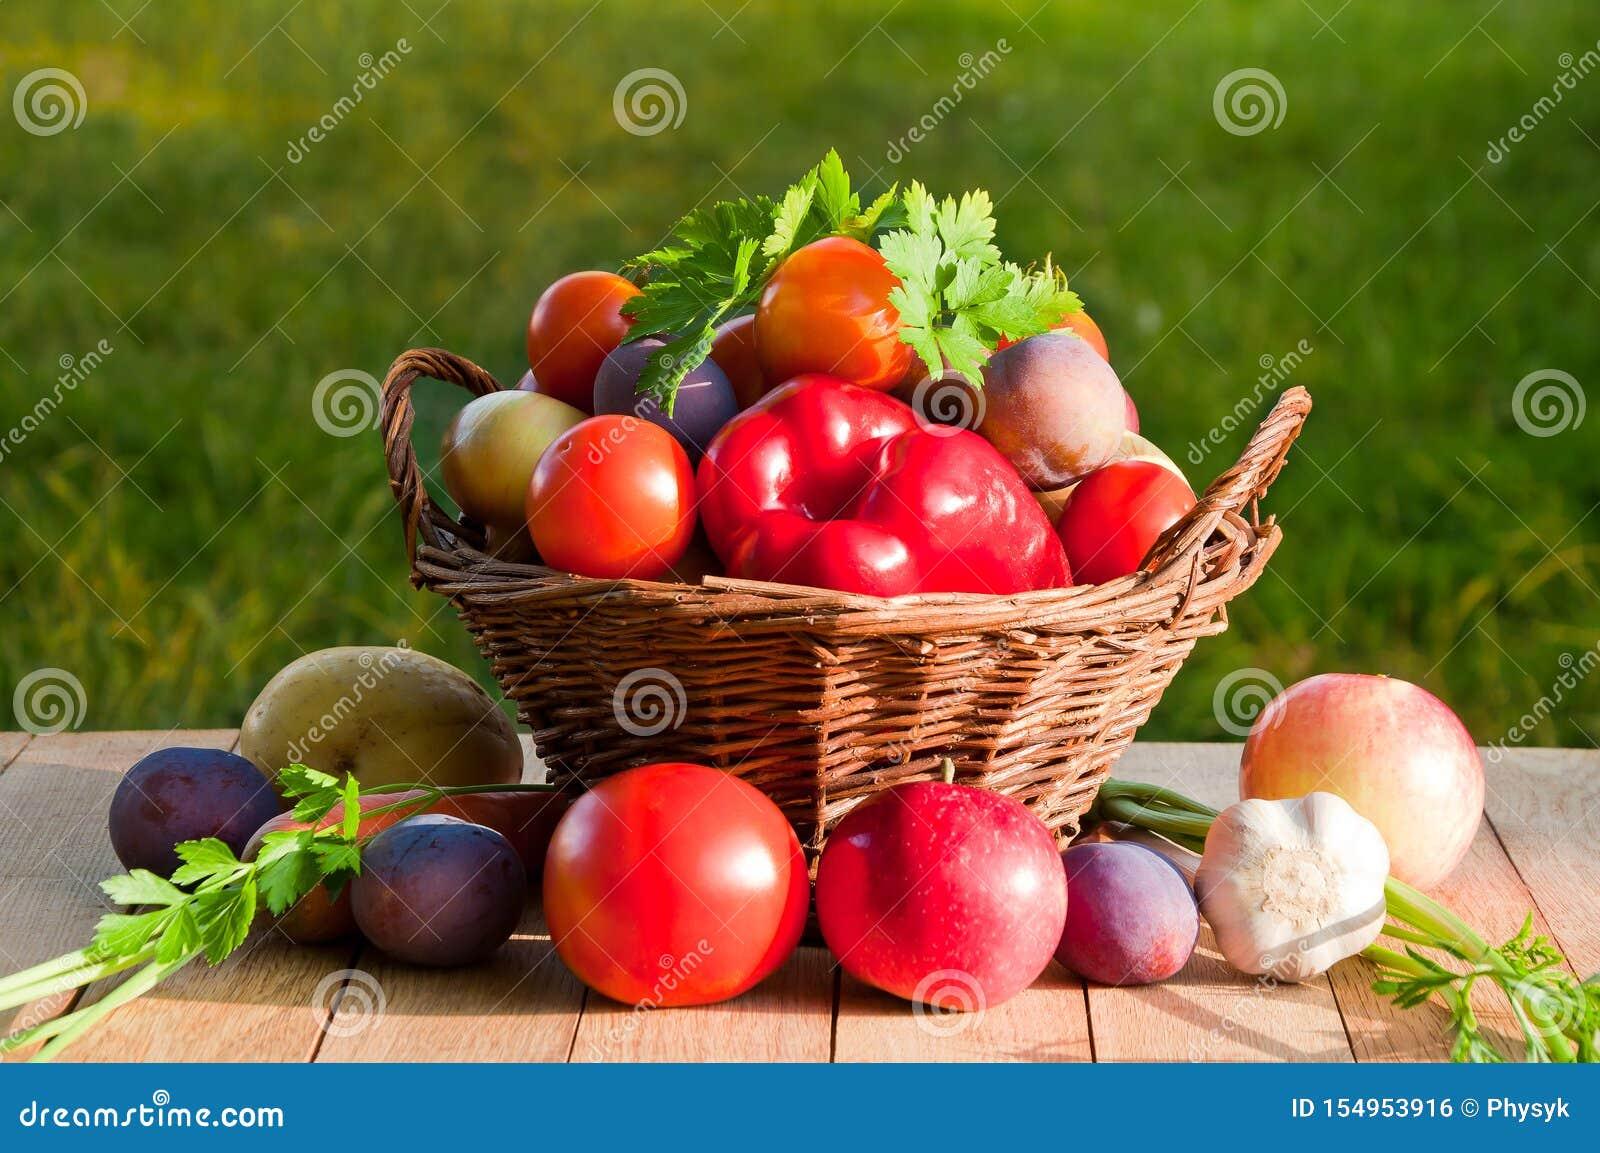 Tomates, pimentas, ameixas, maçãs e outros vegetais e frutos em uma cesta de vime em uma tabela de madeira